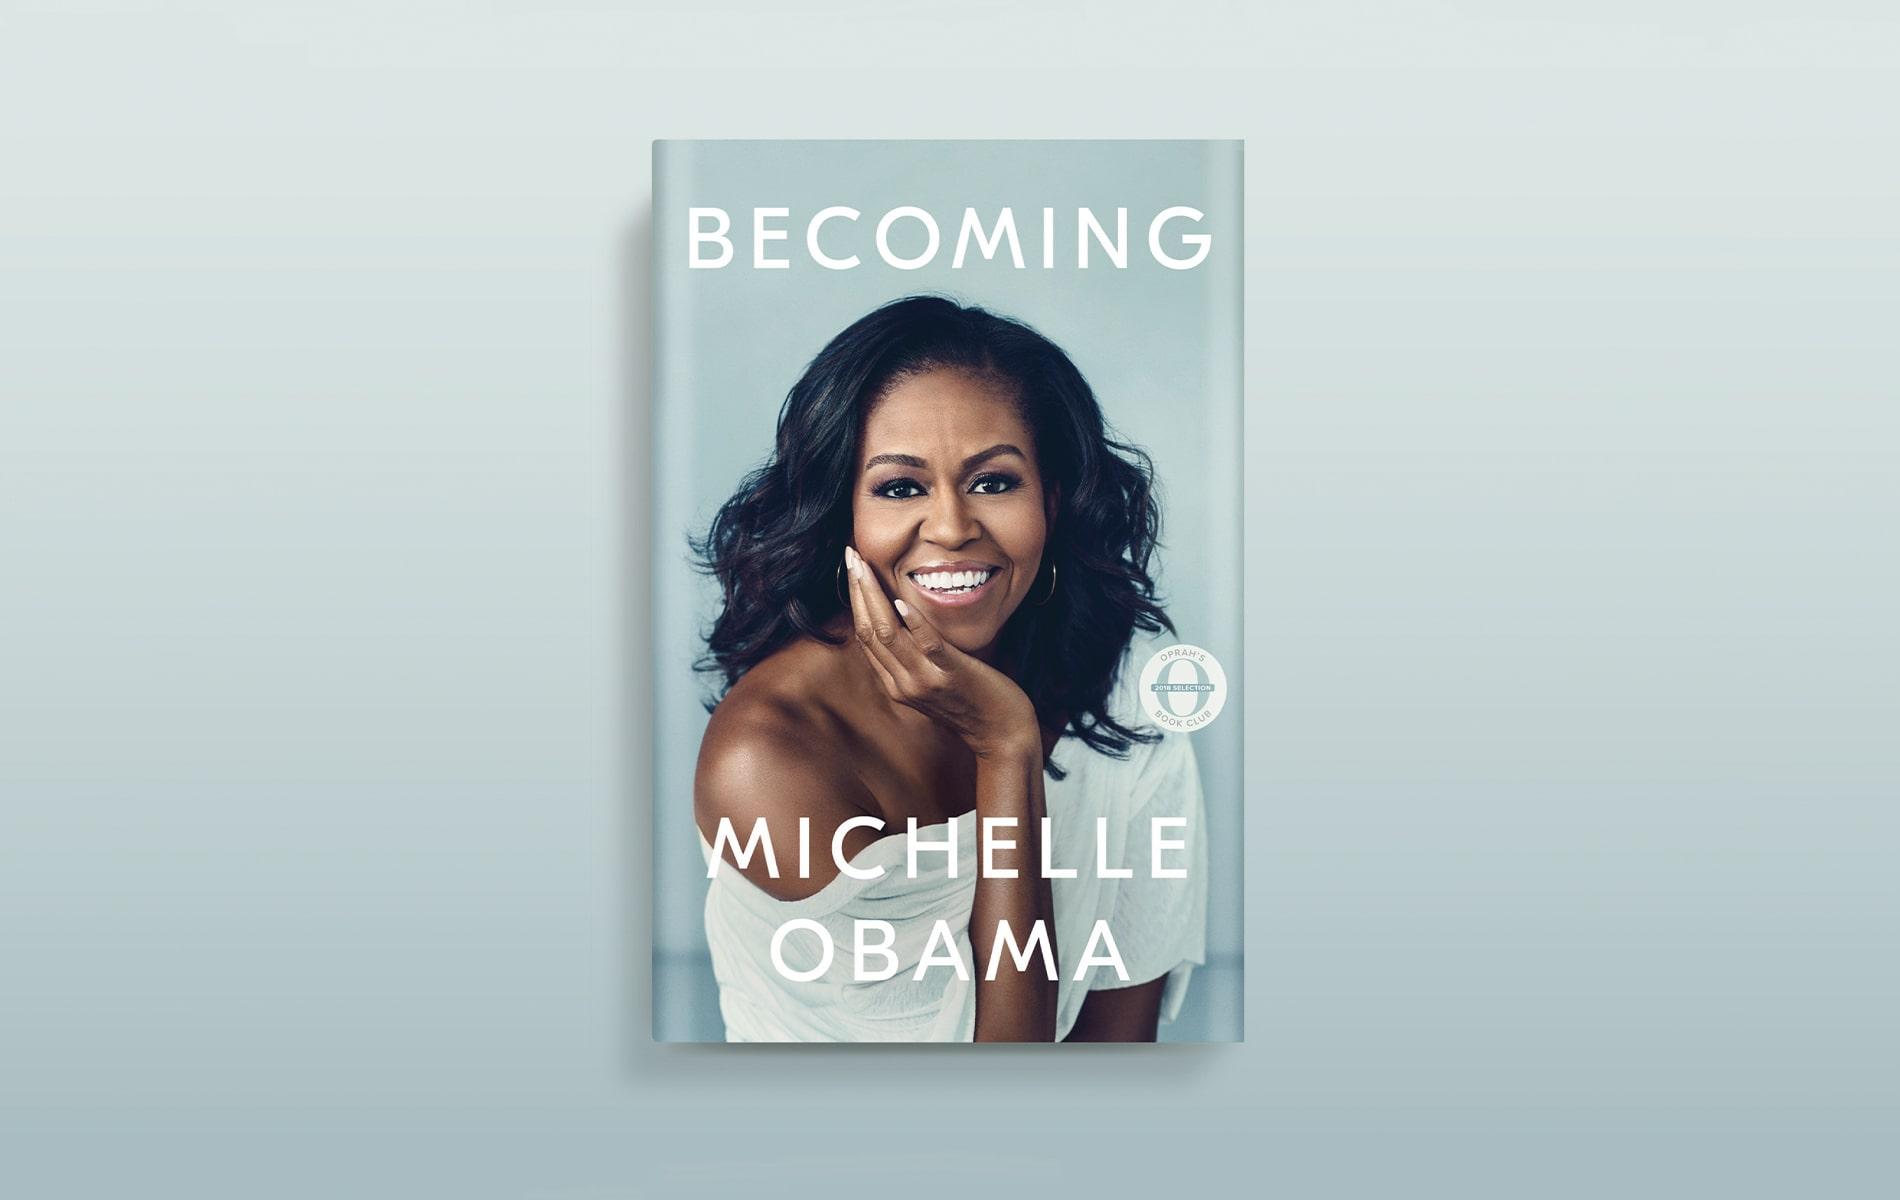 VIE Book Club Department Page VIE Magazine December 2019 Women's Issue, Michelle Obama